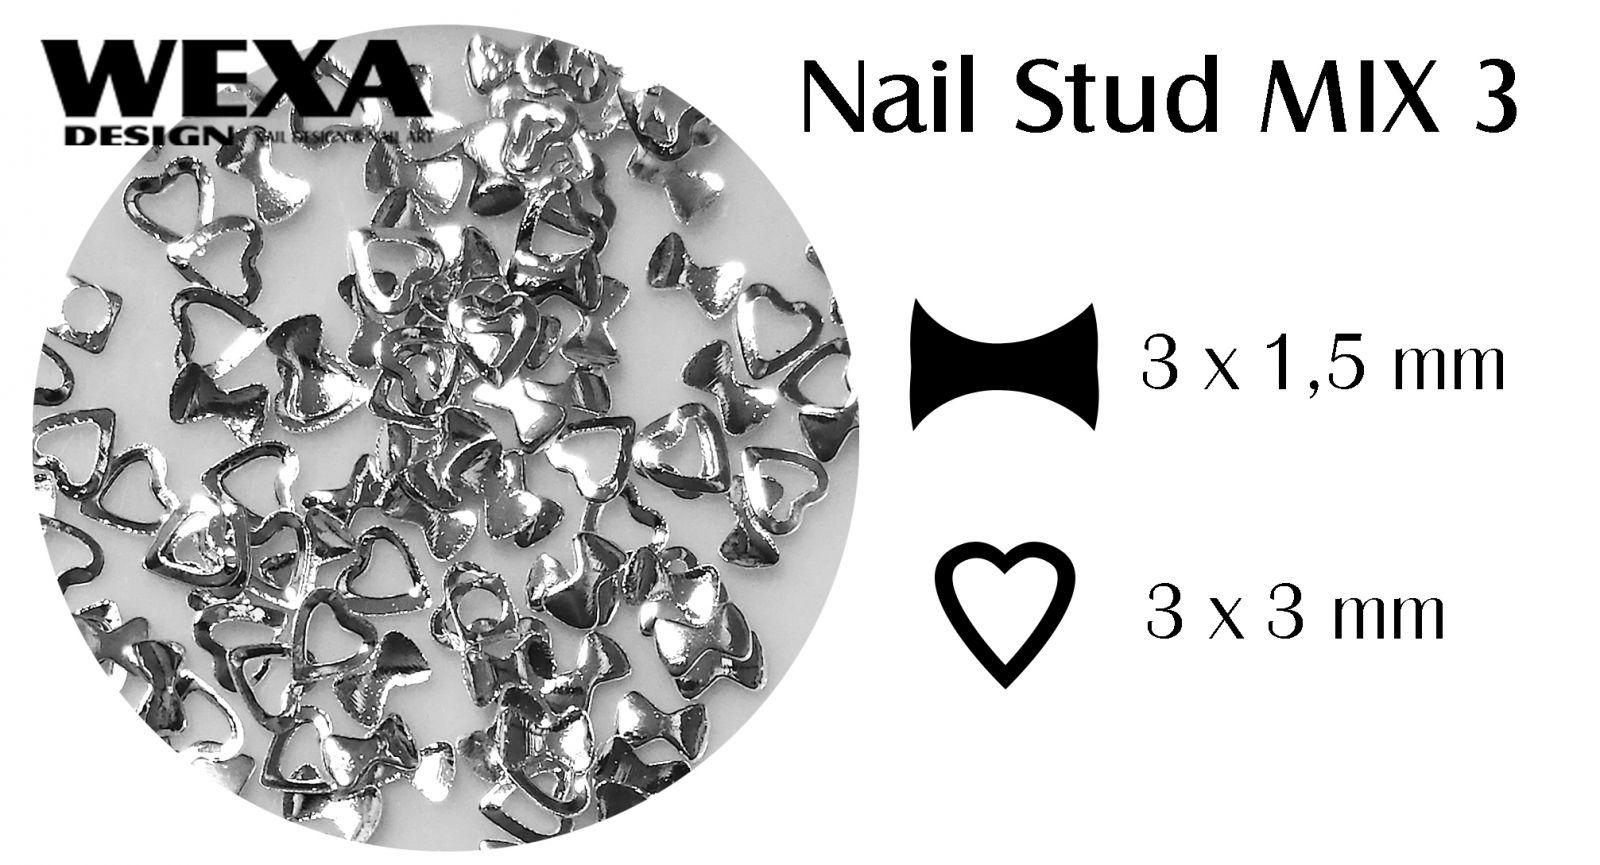 Kovová ozdoba na nechty - Nail Stud MIX 3